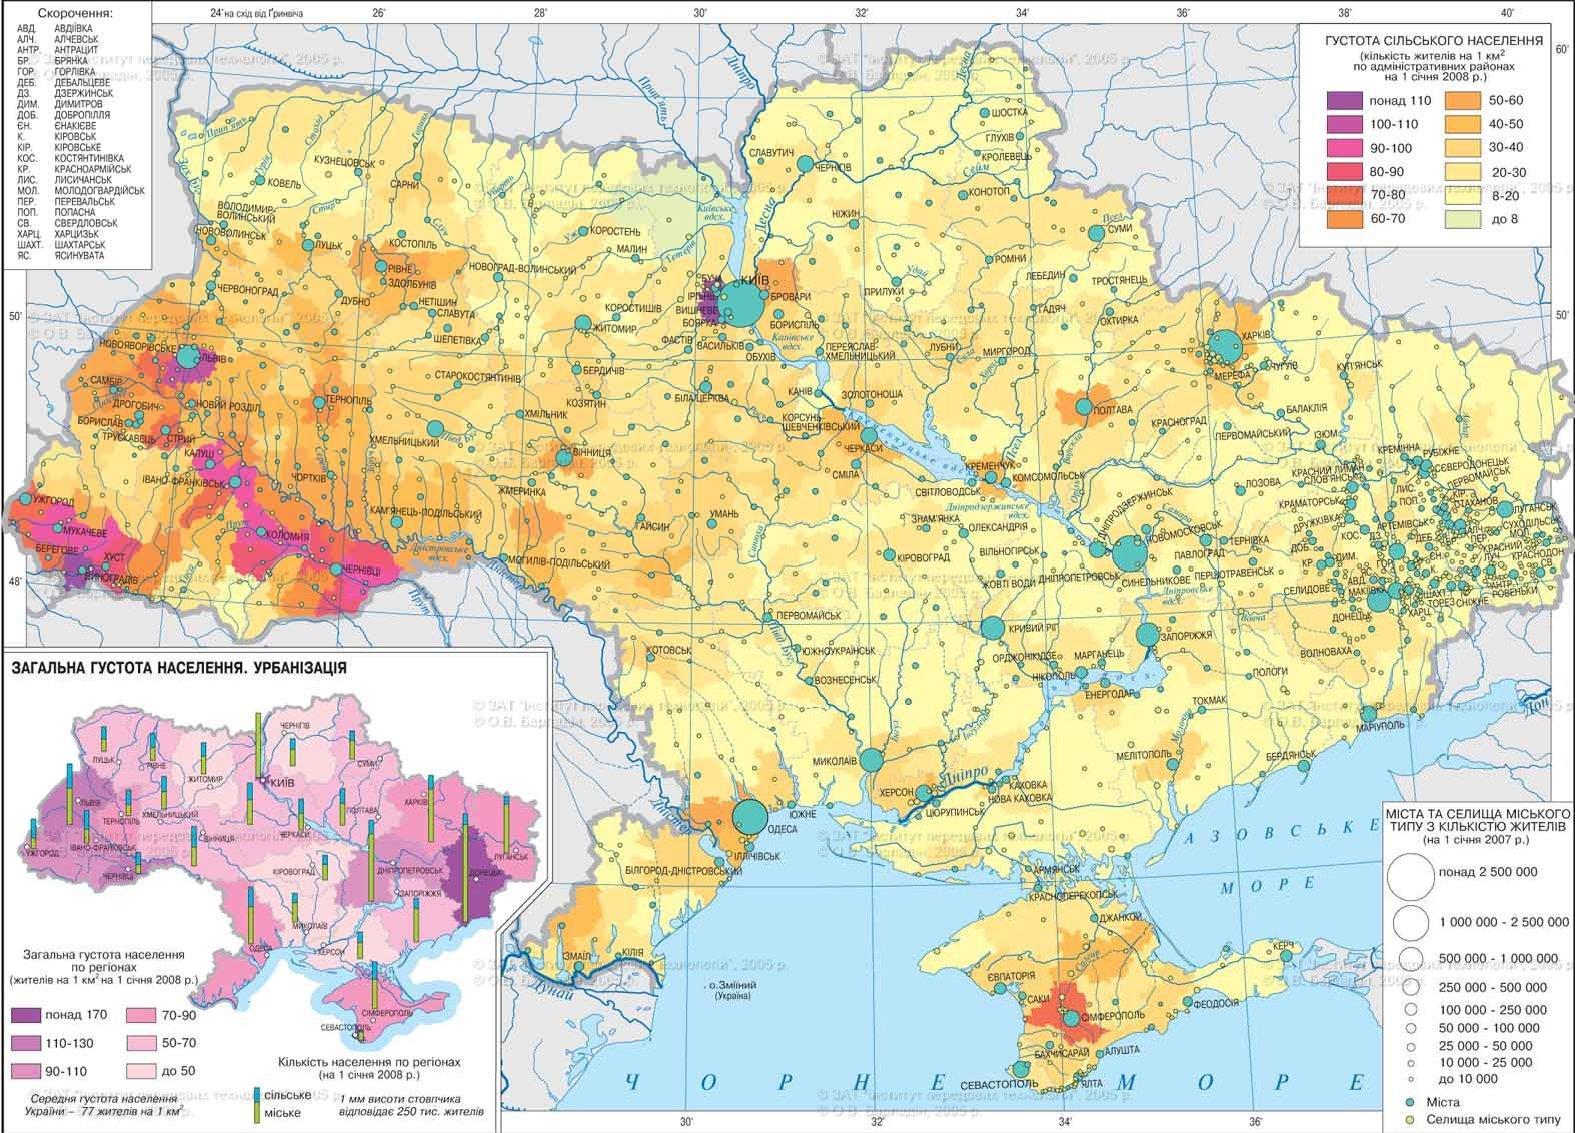 Карта плотности населения Украины 2008